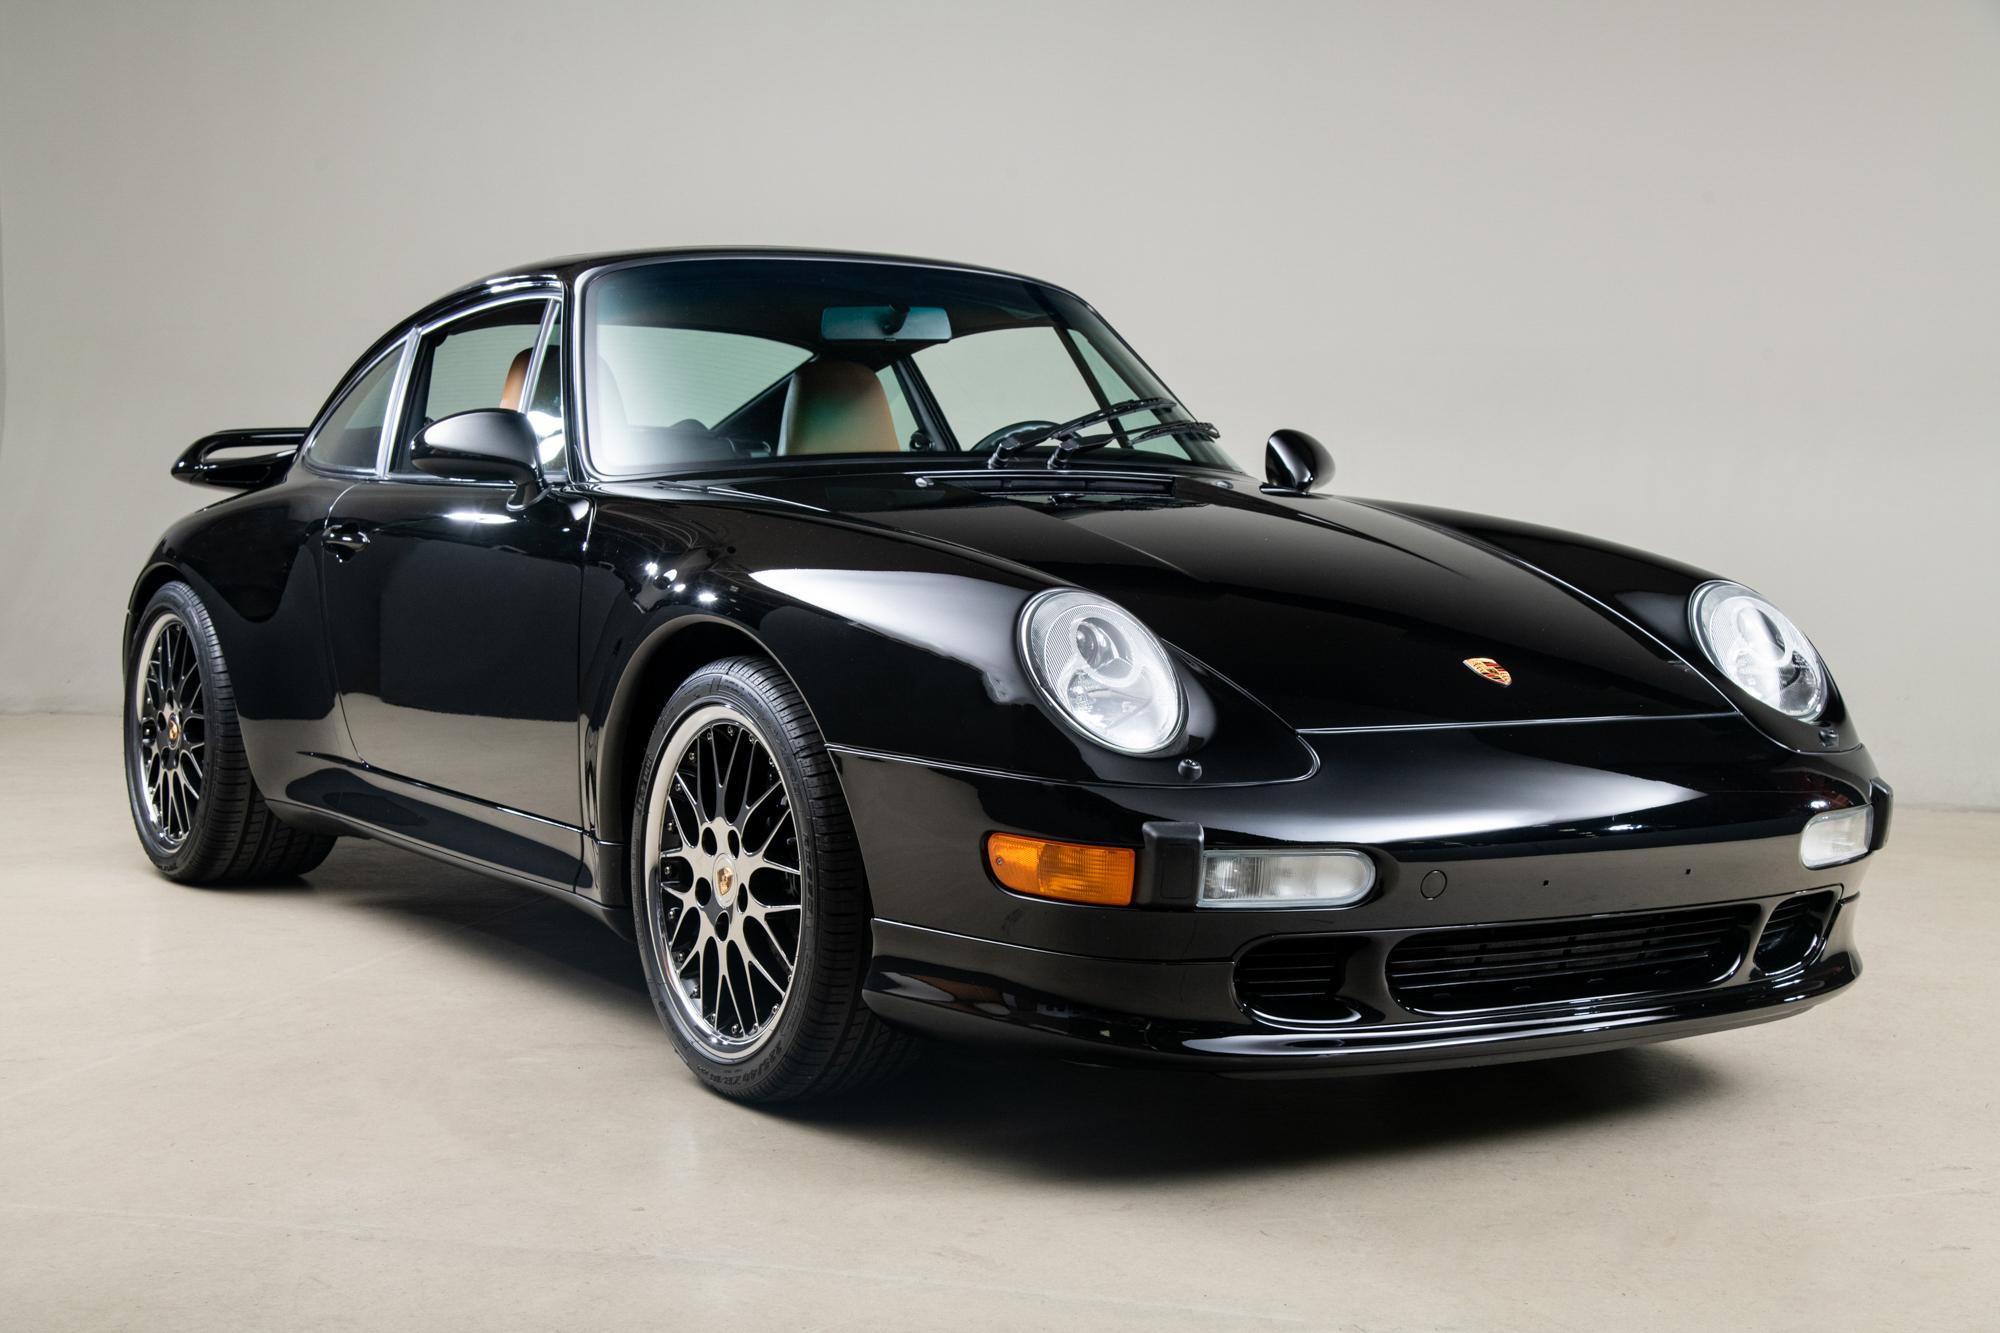 1998 Porsche 911 Carrera S, BLACK, VIN WP0AA2993WS320750, MILEAGE 19895